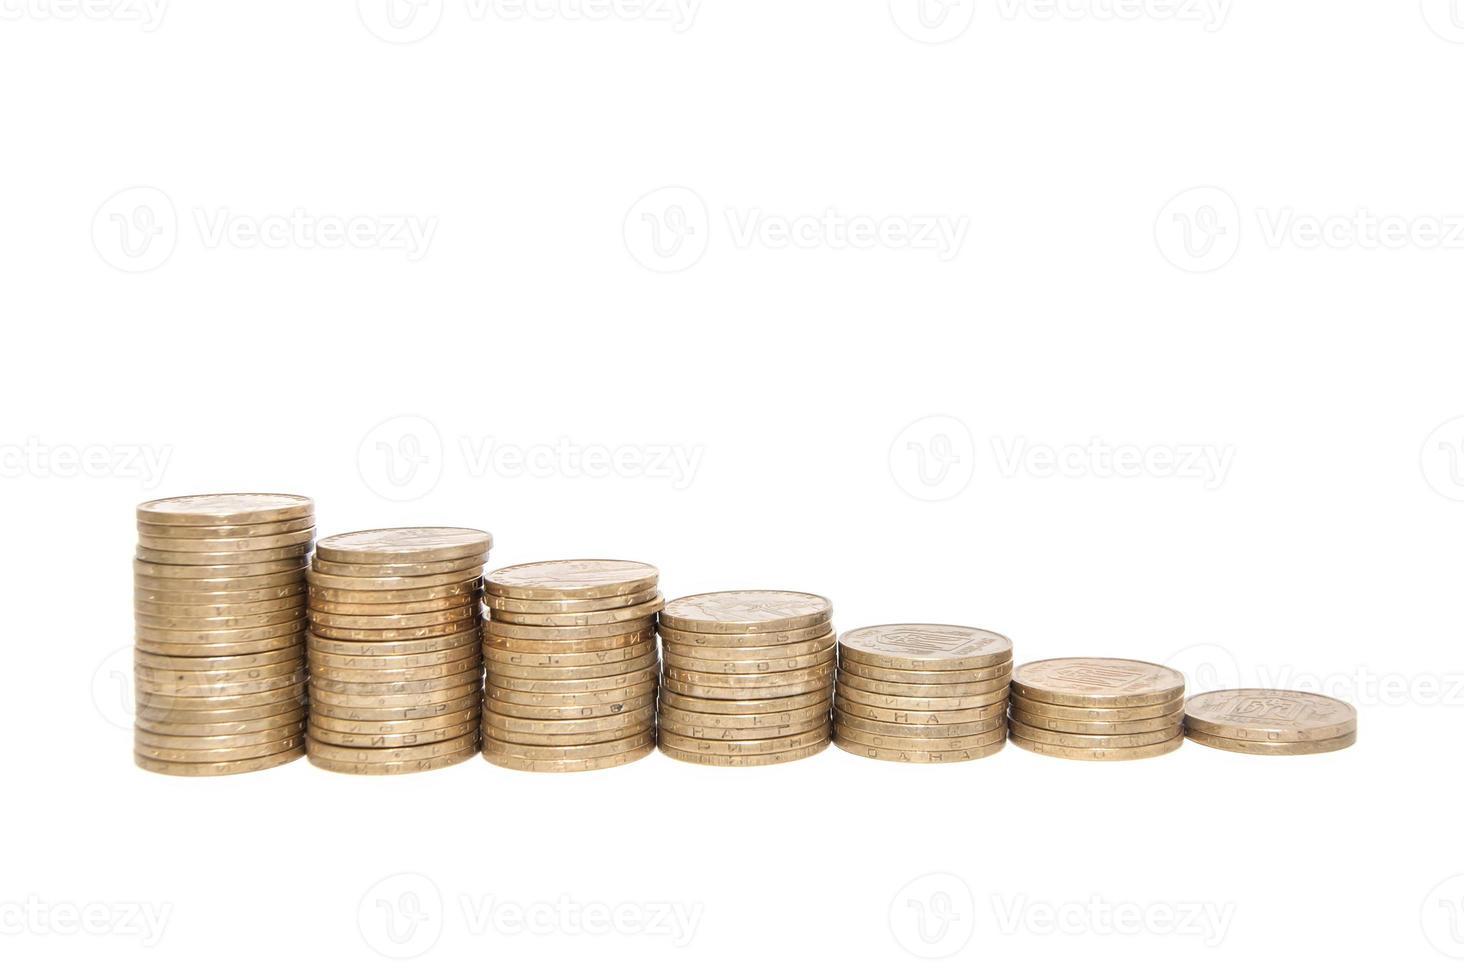 graphique avec monnaie montre le succès et la croissance des affaires photo